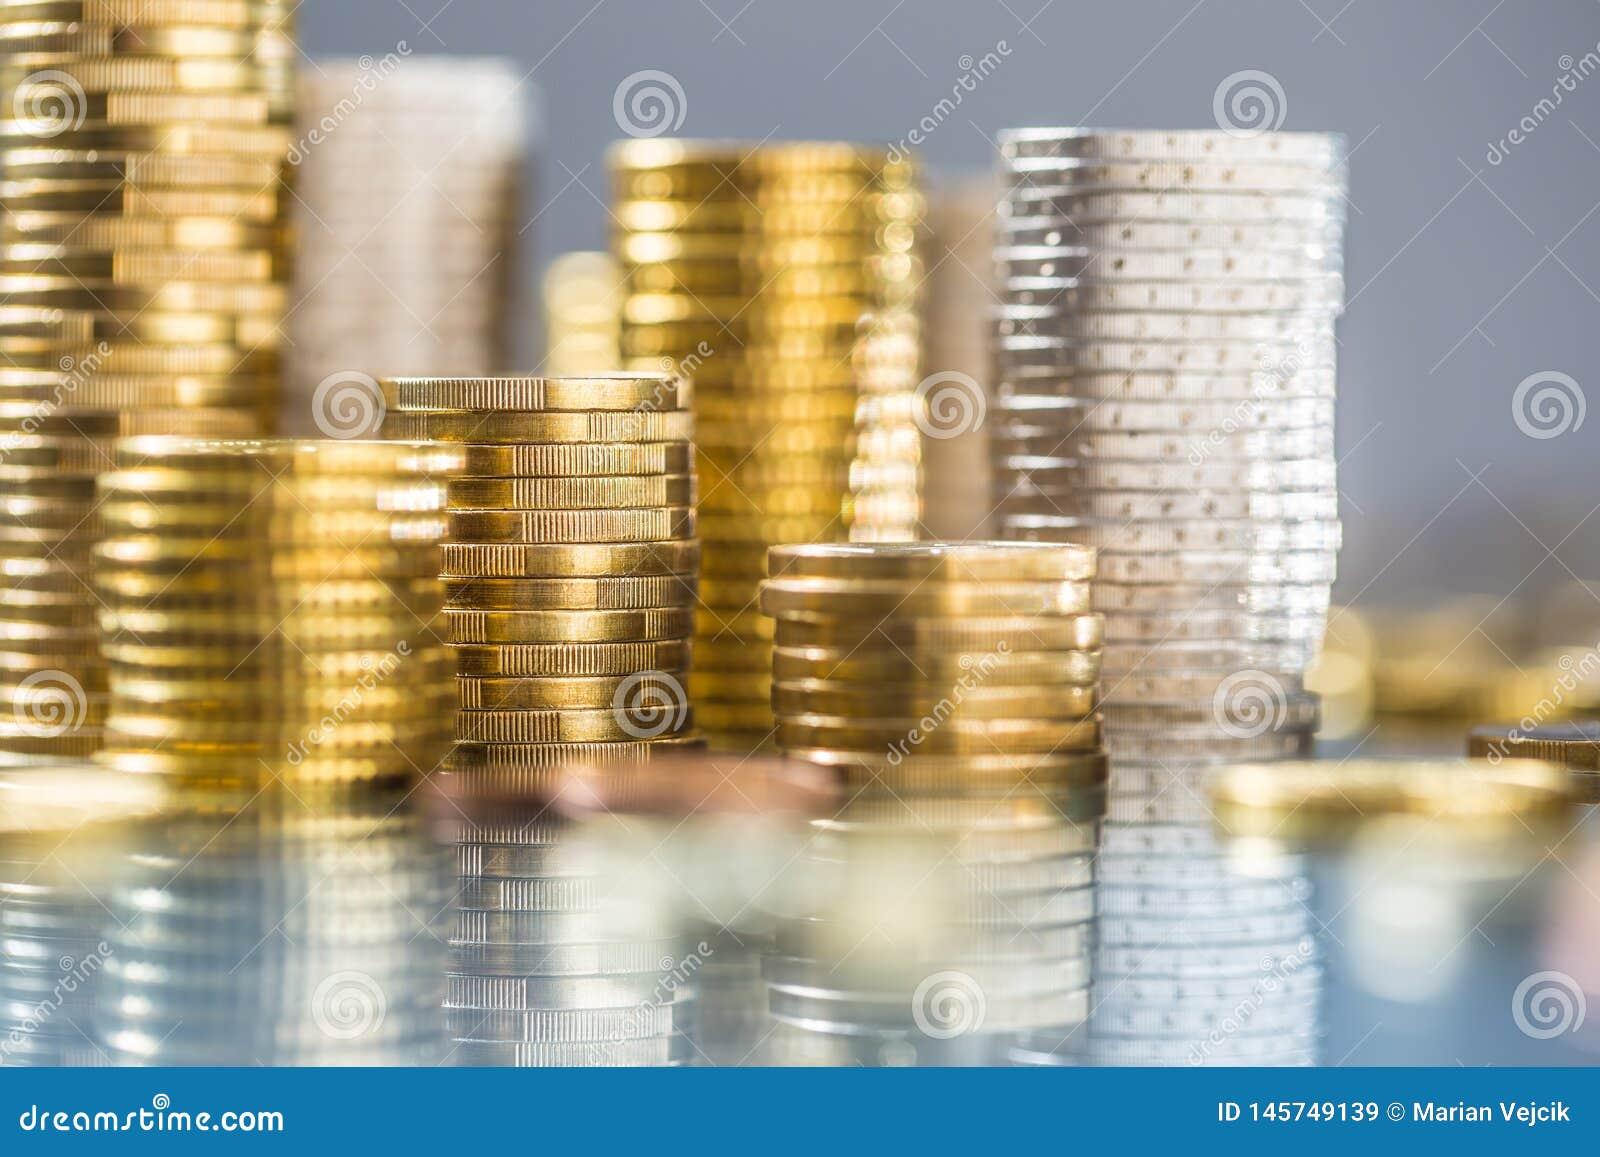 Tours des euro pi?ces de monnaie empil?es dans diff?rentes positions